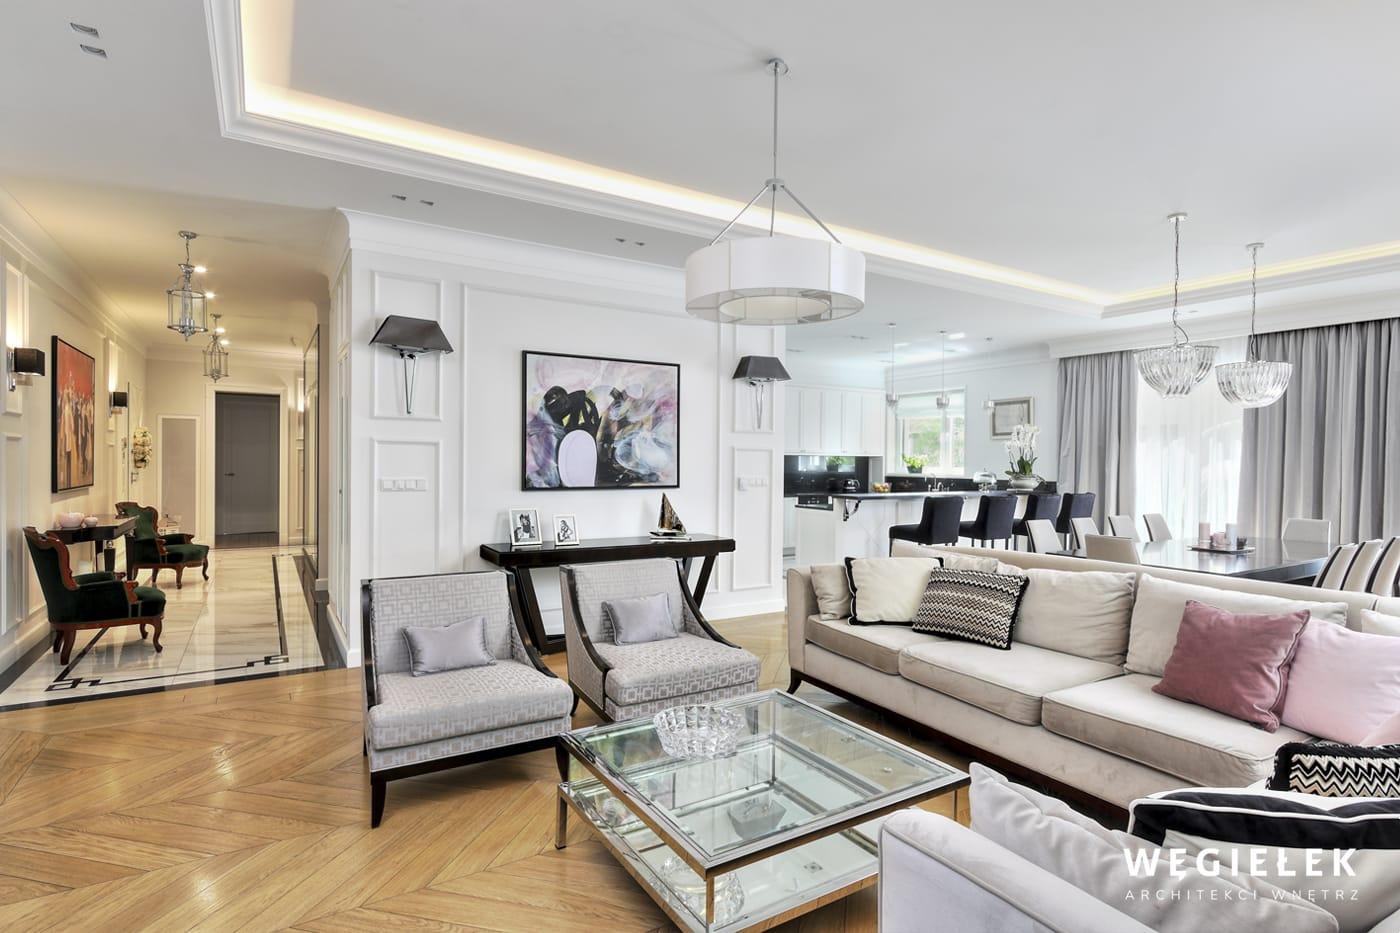 Projektant wnętrz potrafi sprawić, że pomieszczenie nabierze stylu i elegancji. Odpowiednie ustawienie klasycznych mebli, przeszklony stół i zadany szyk